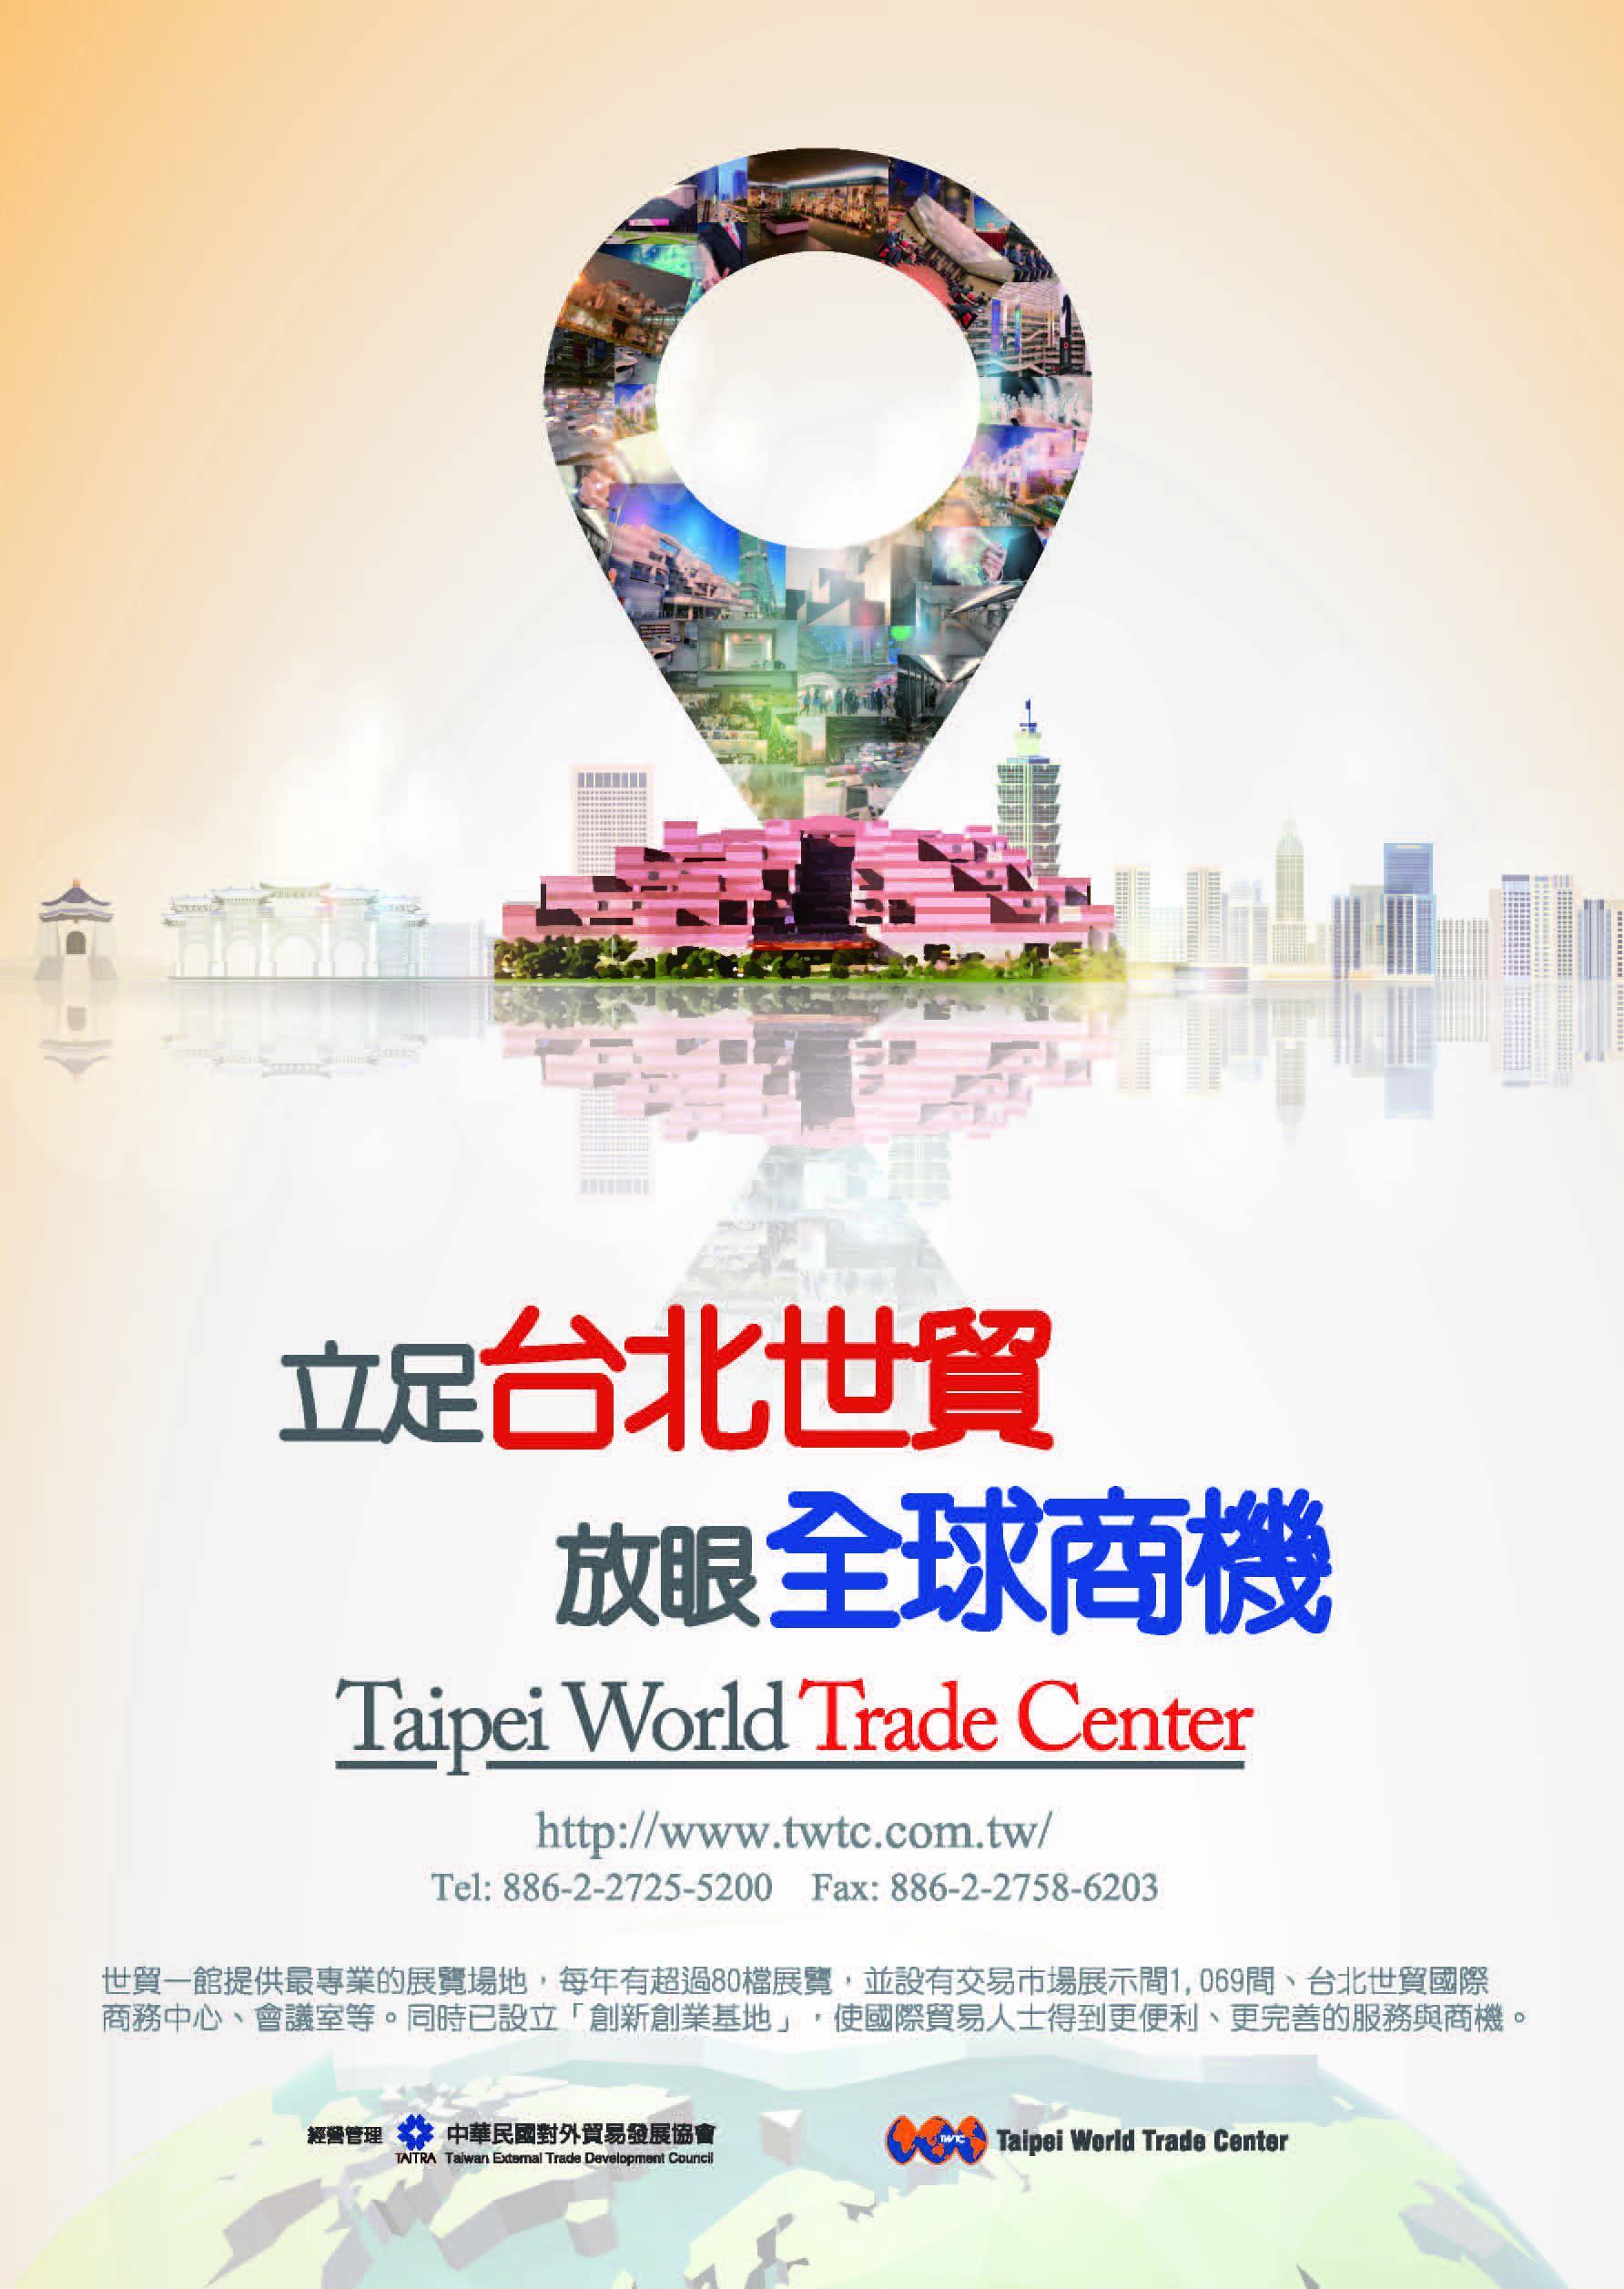 中華民國世界貿易發展協會